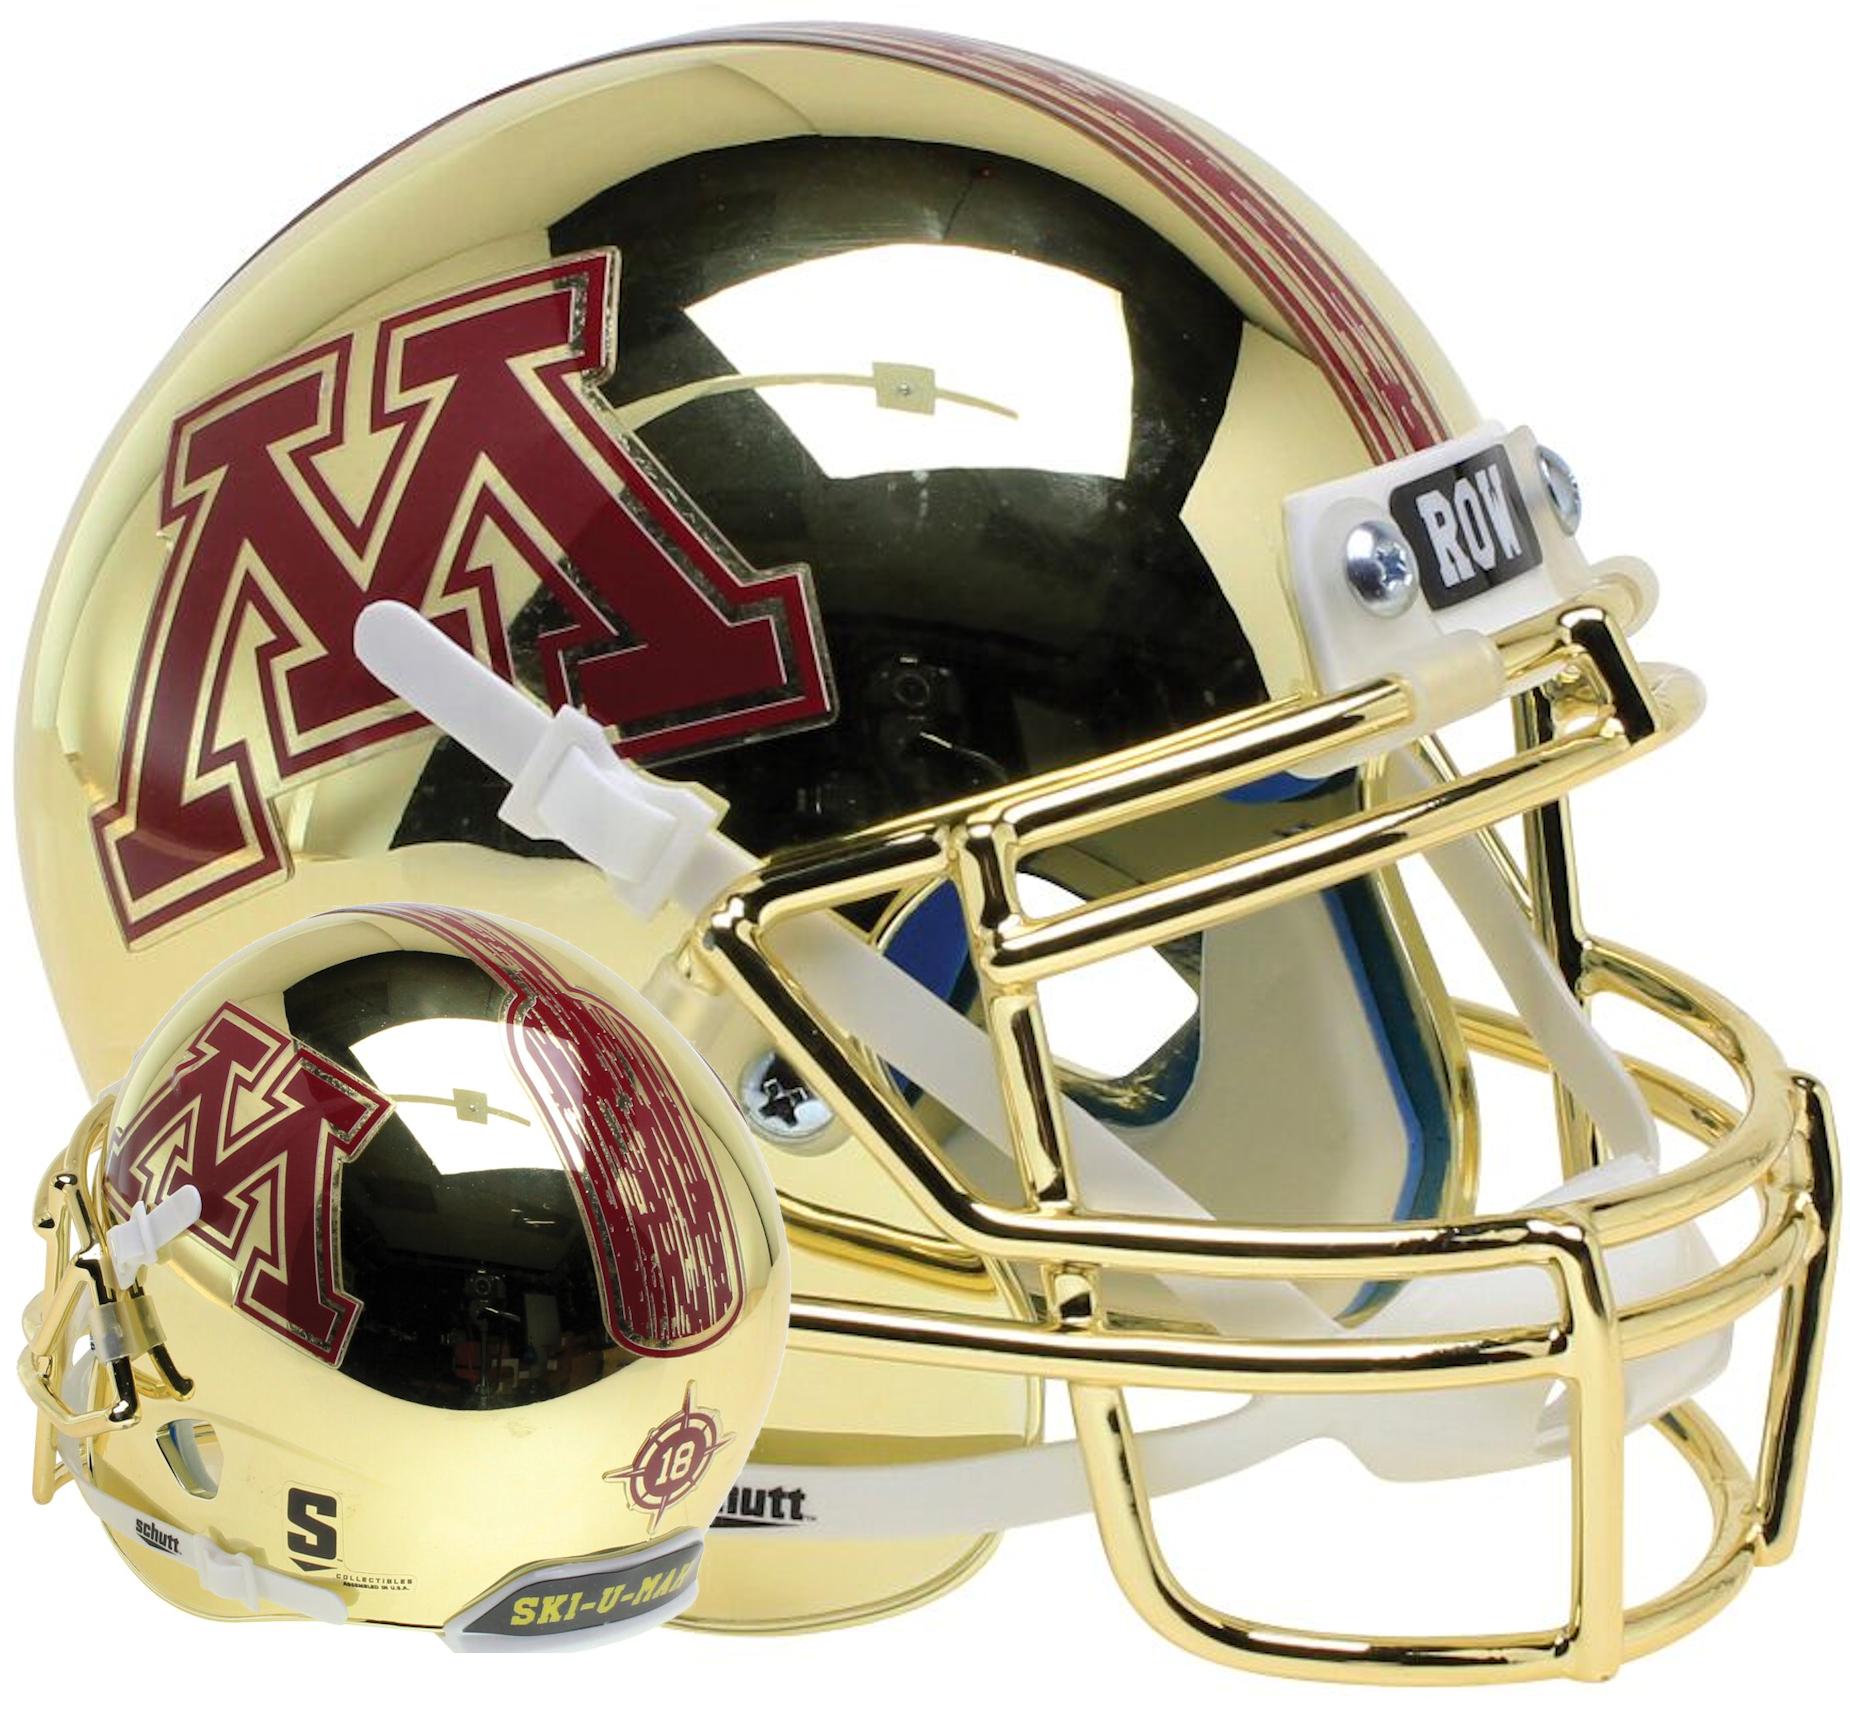 Minnesota Golden Gophers Authentic College XP Football Helmet Schutt  <B>Gold Chrome</B>